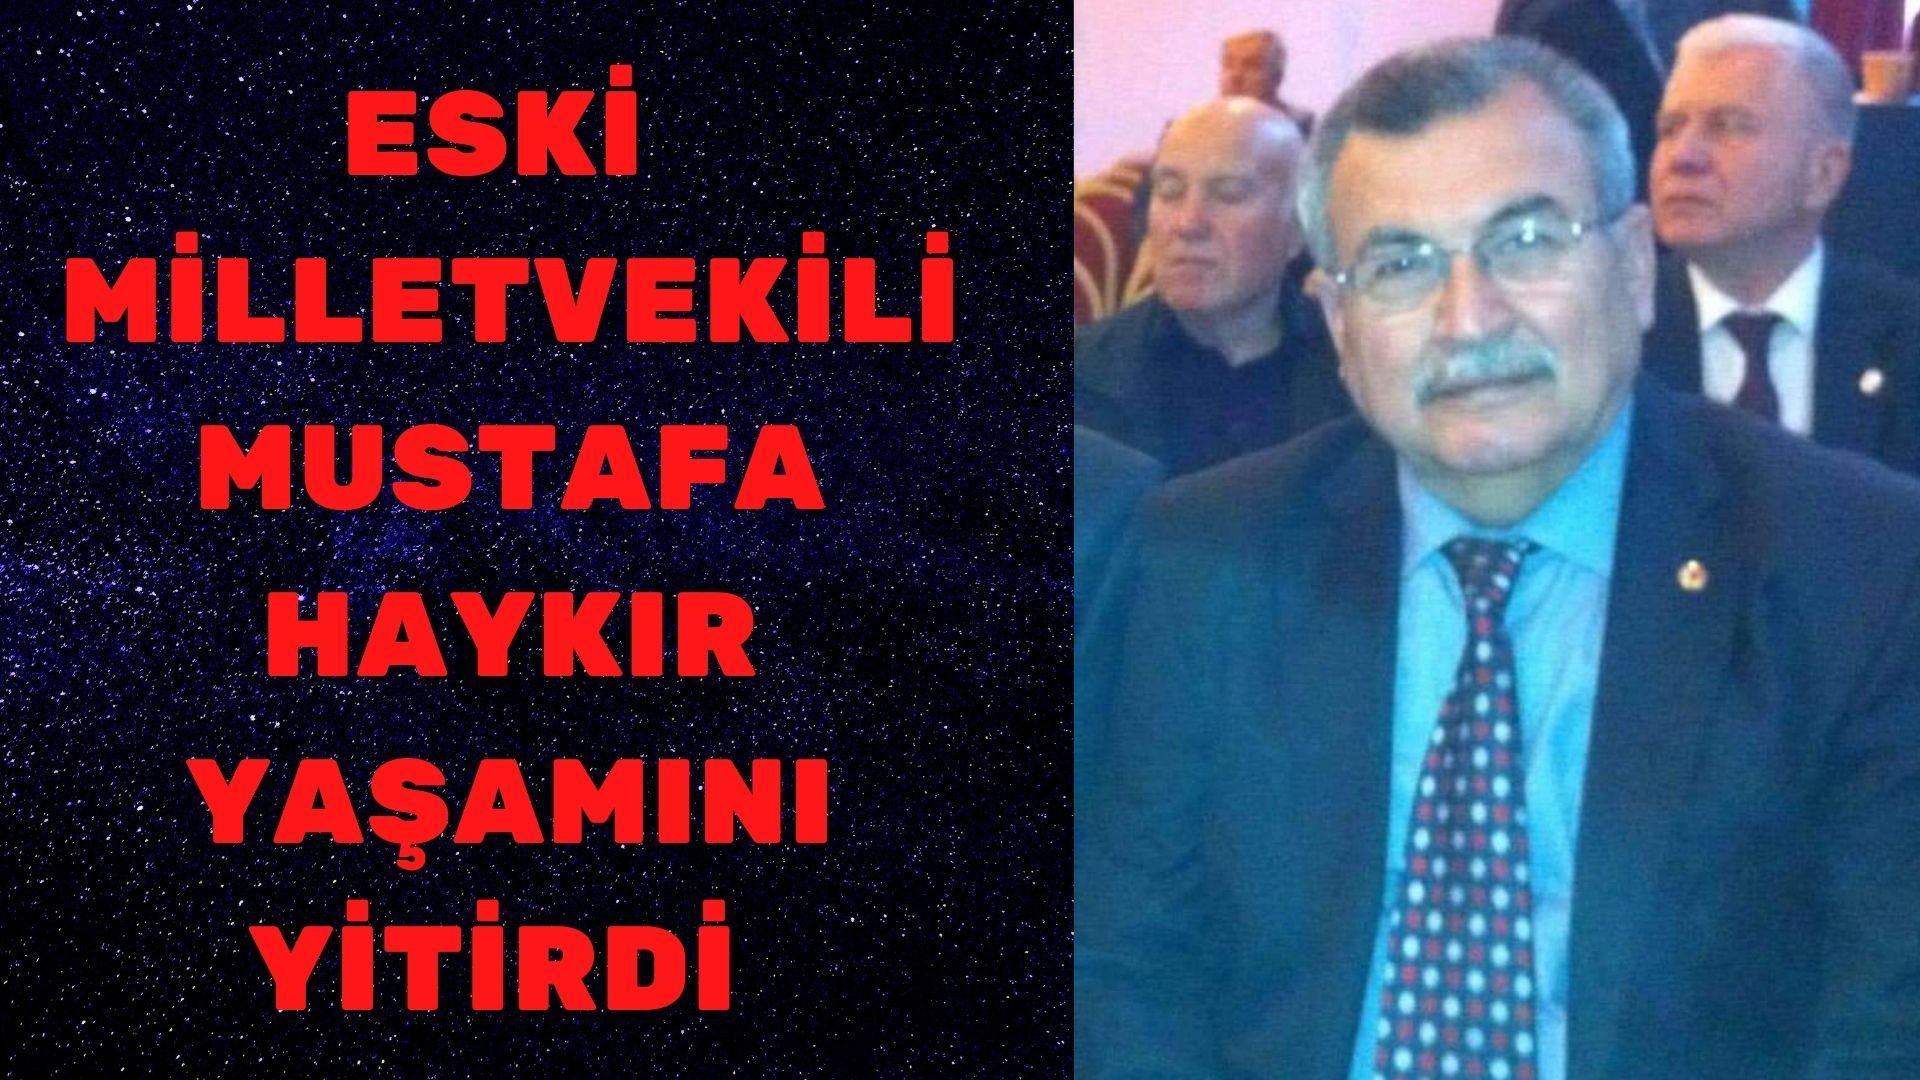 Milletvekili Mustafa Haykır vefat etti